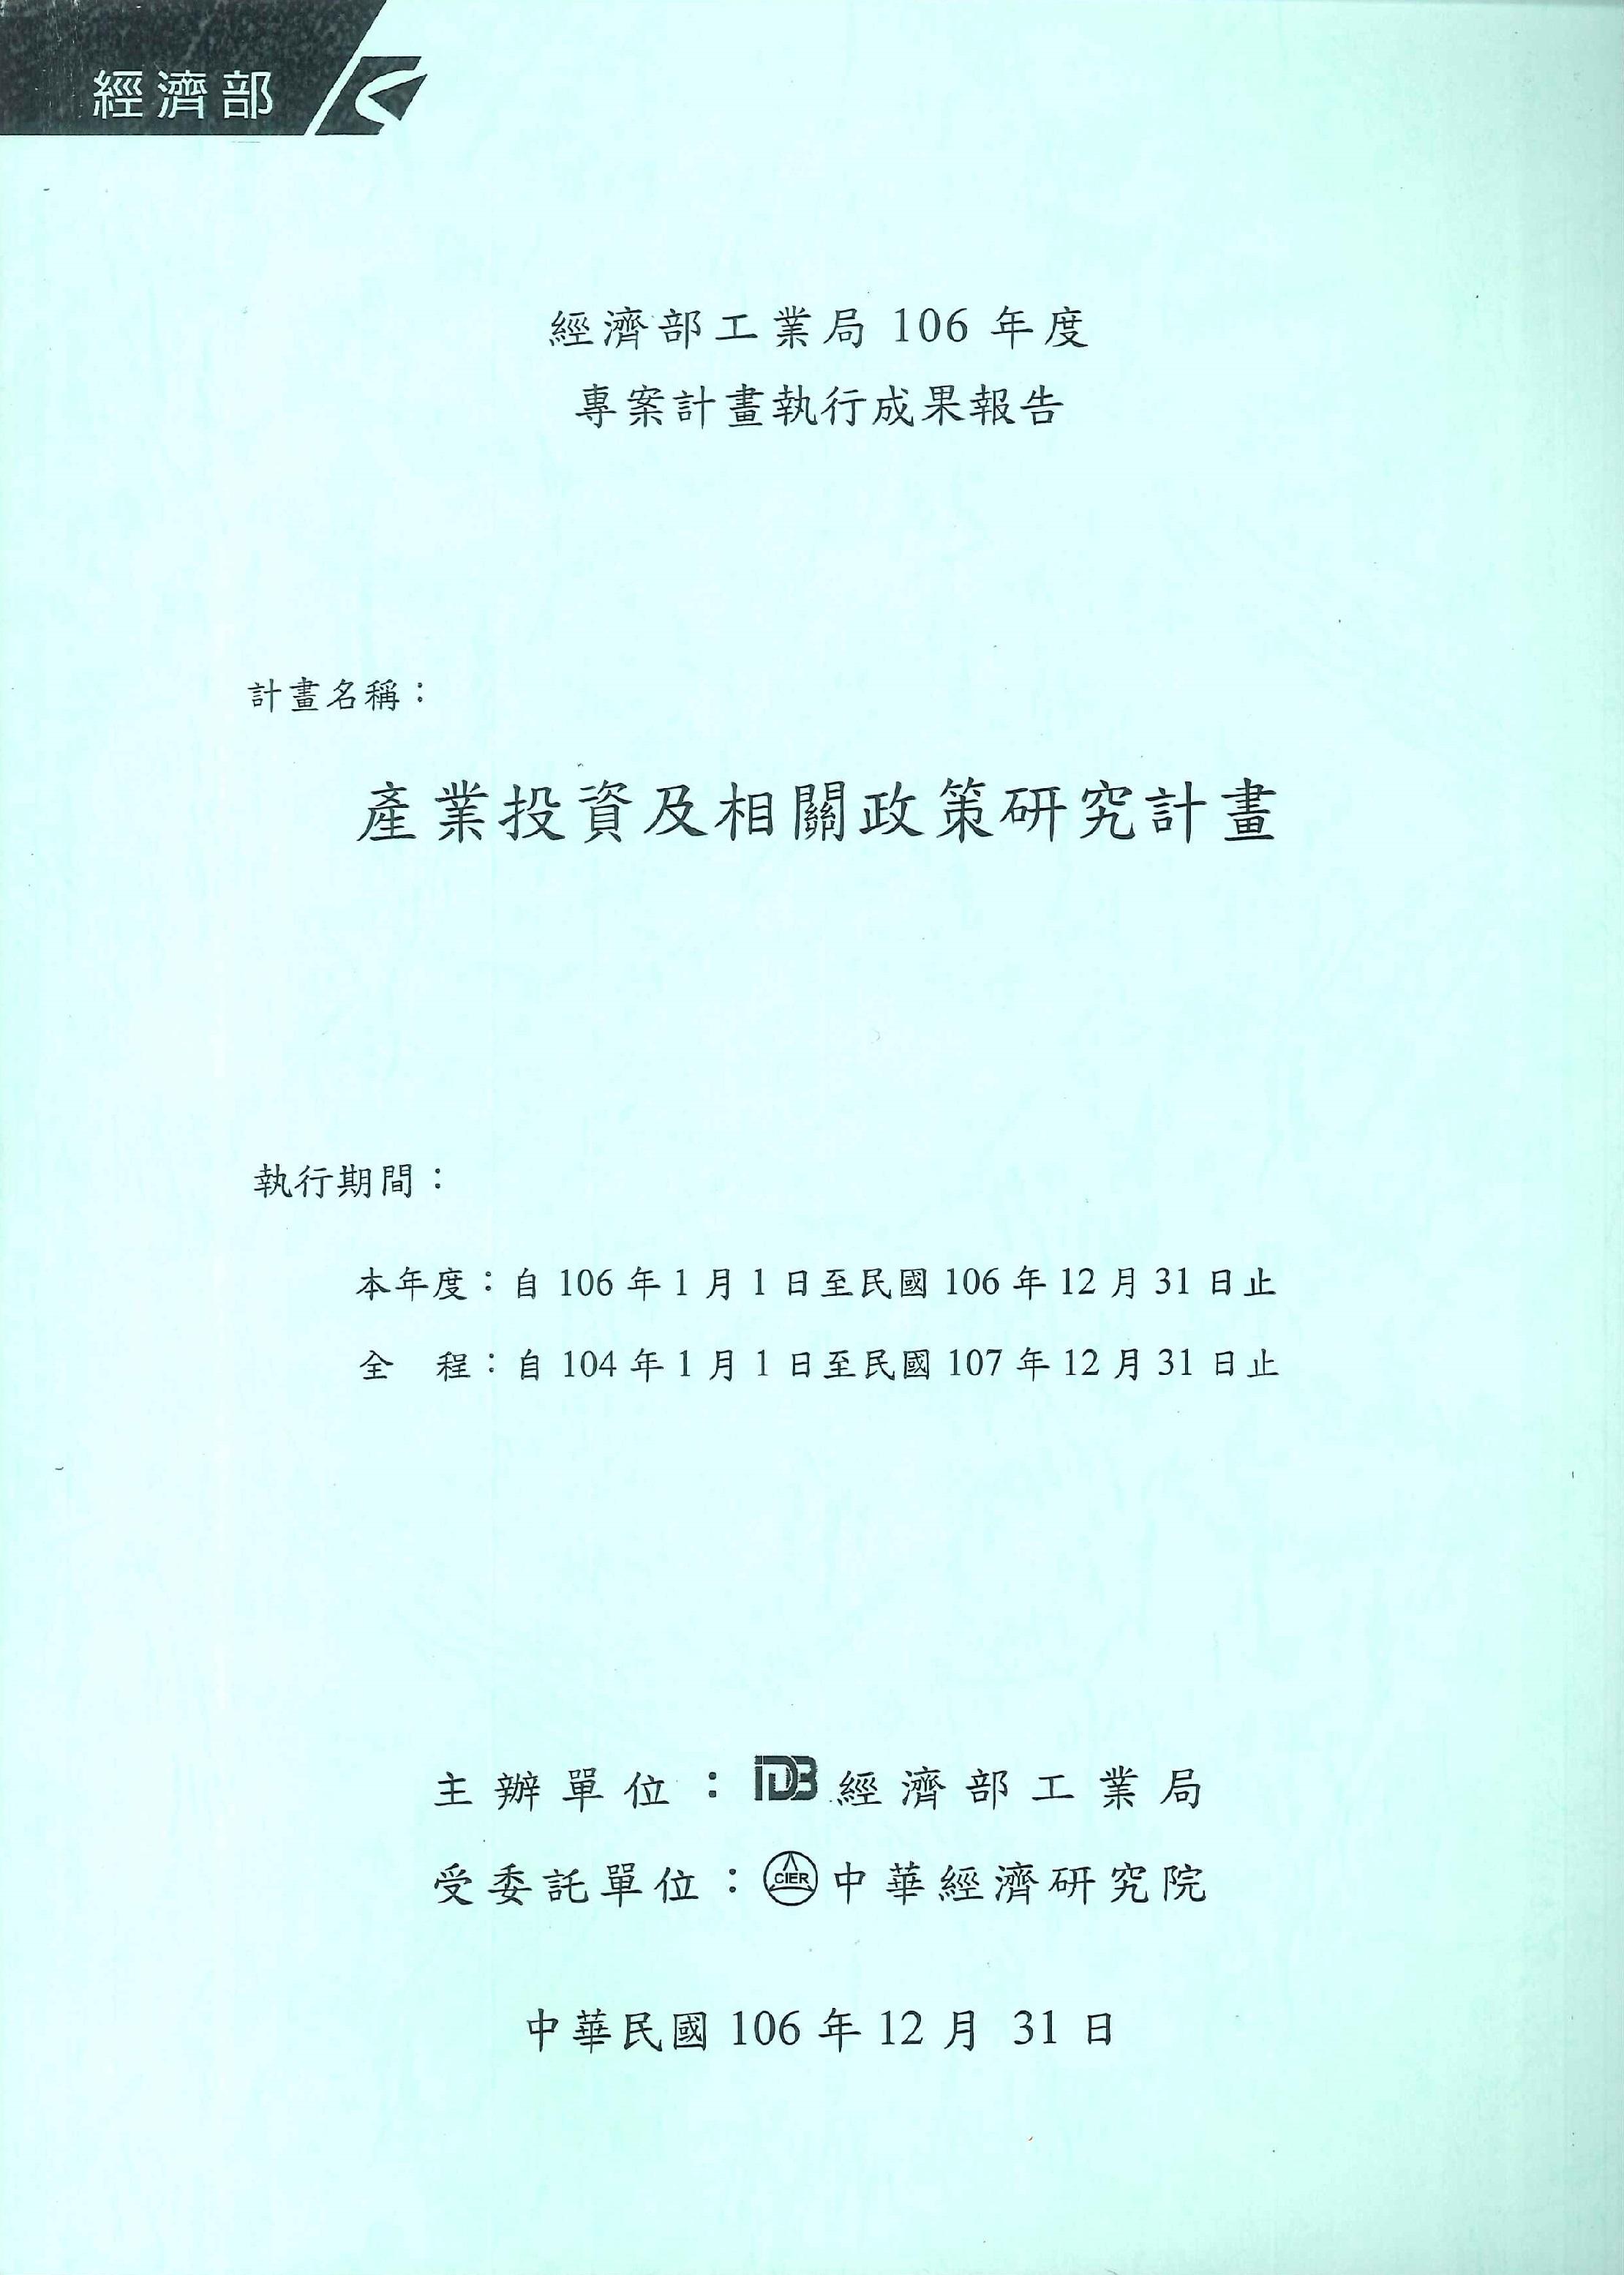 產業投資及相關政策研究計畫